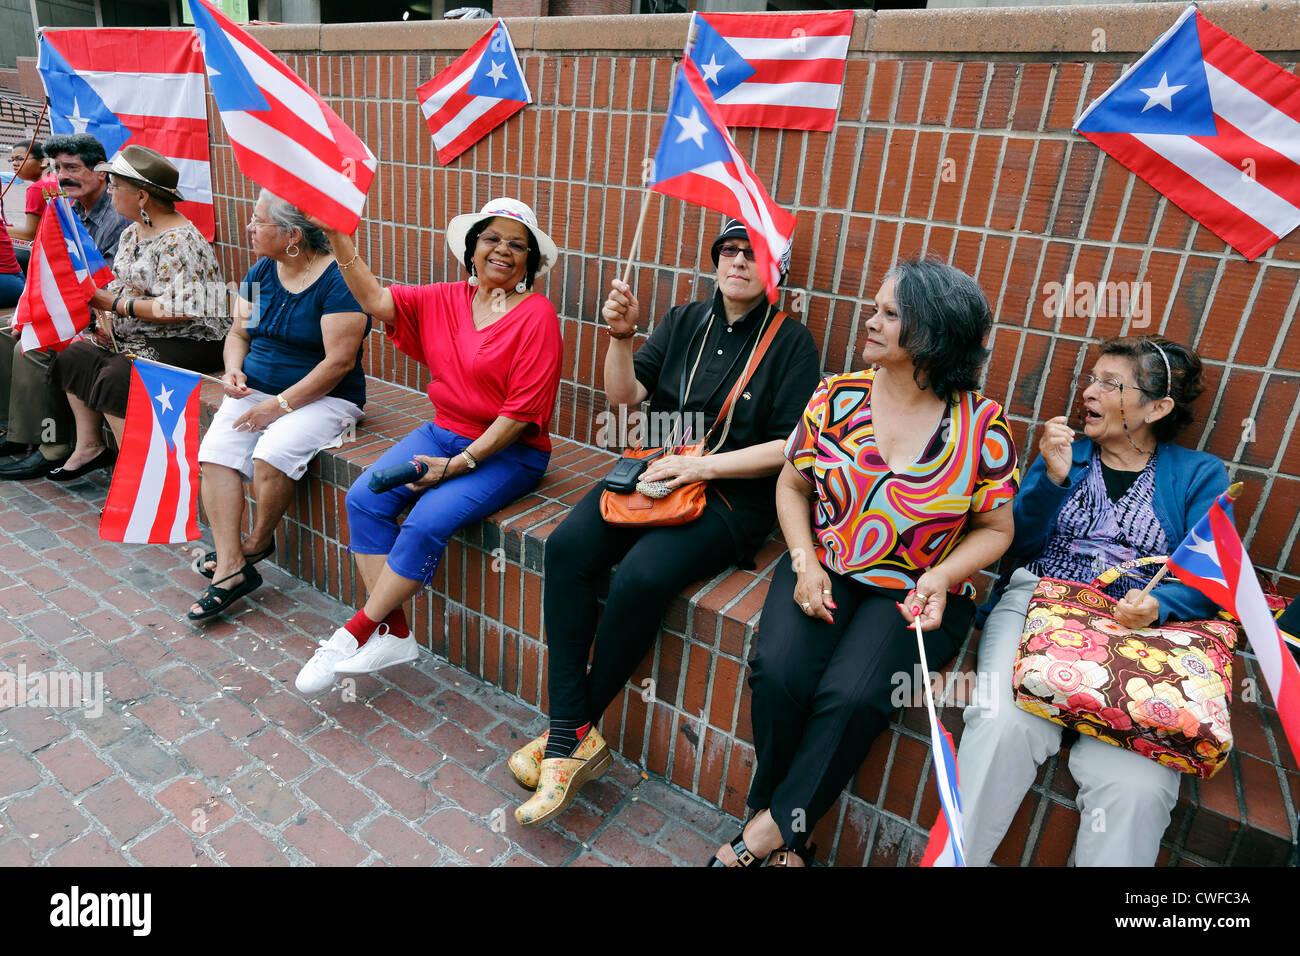 mass city women Zara bershka venta de ropa y mass 4,797 likes 36 talking about this 14 were here este es un espacio libre, sube tus articulos que quieras vender y.